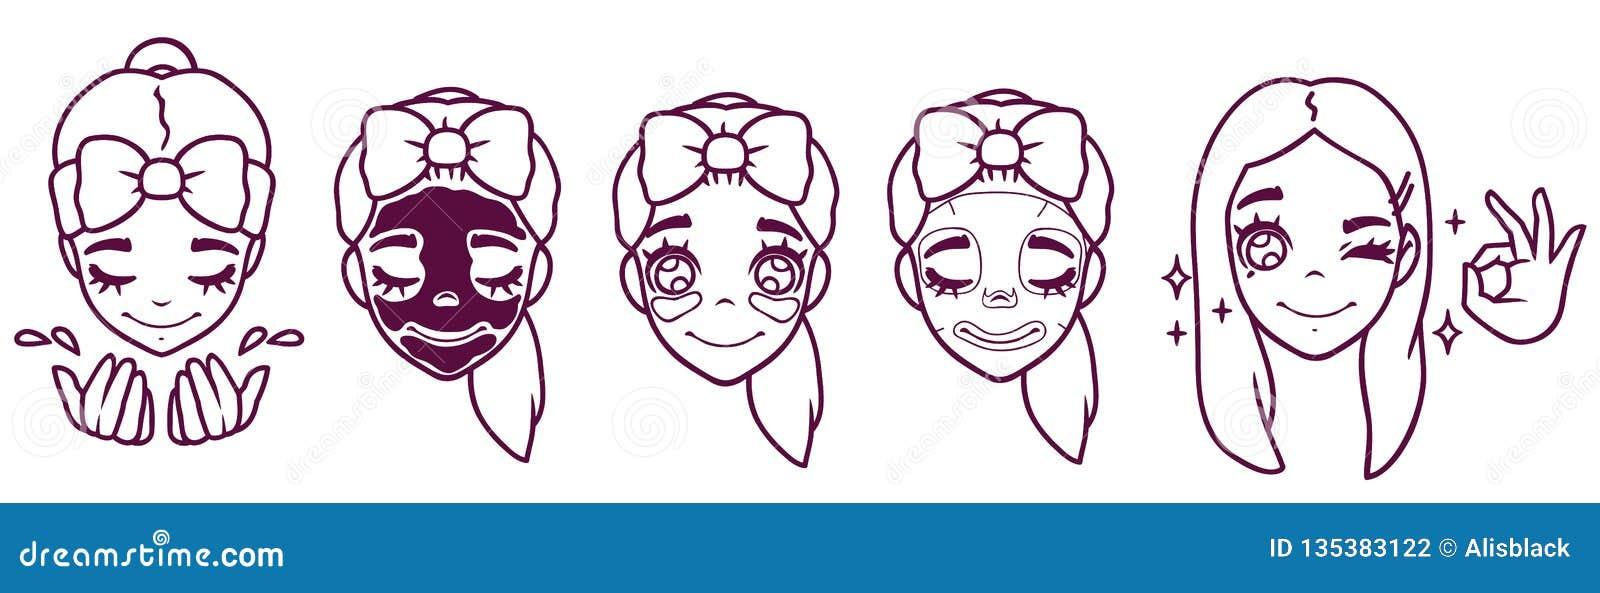 Les lavages de fille de bande dessinée, fait un masque, raccorde, brille placez des actions d auto-soin